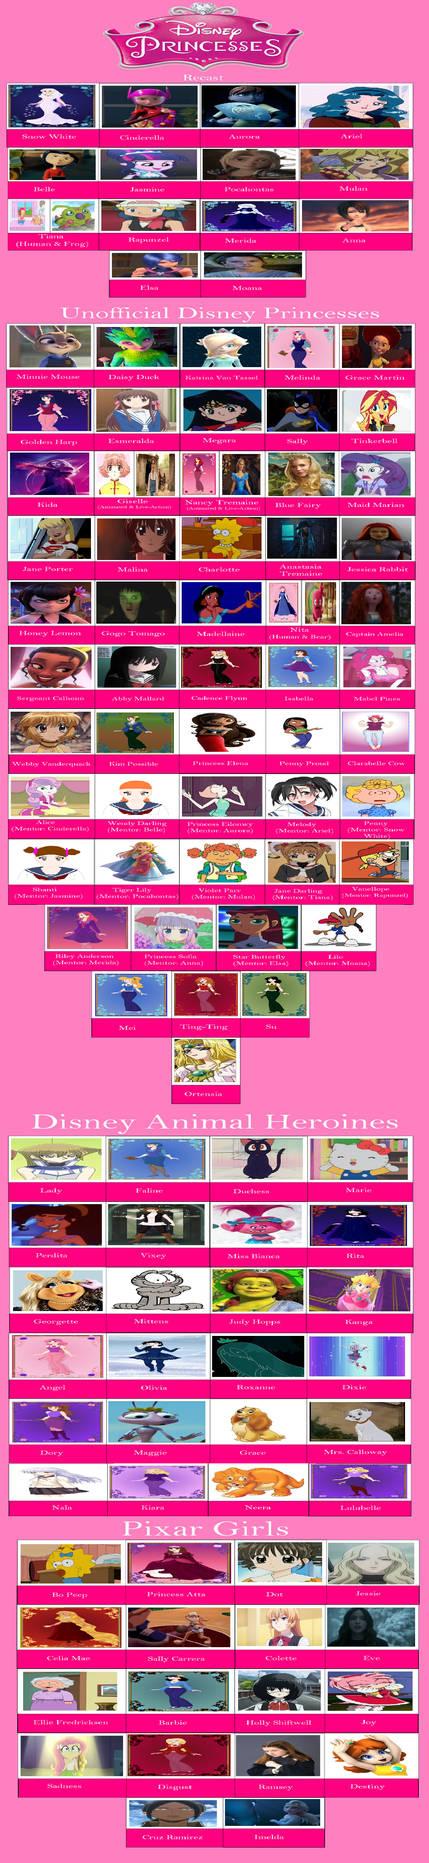 My Disney Princesses Cast Meme by gxfan537